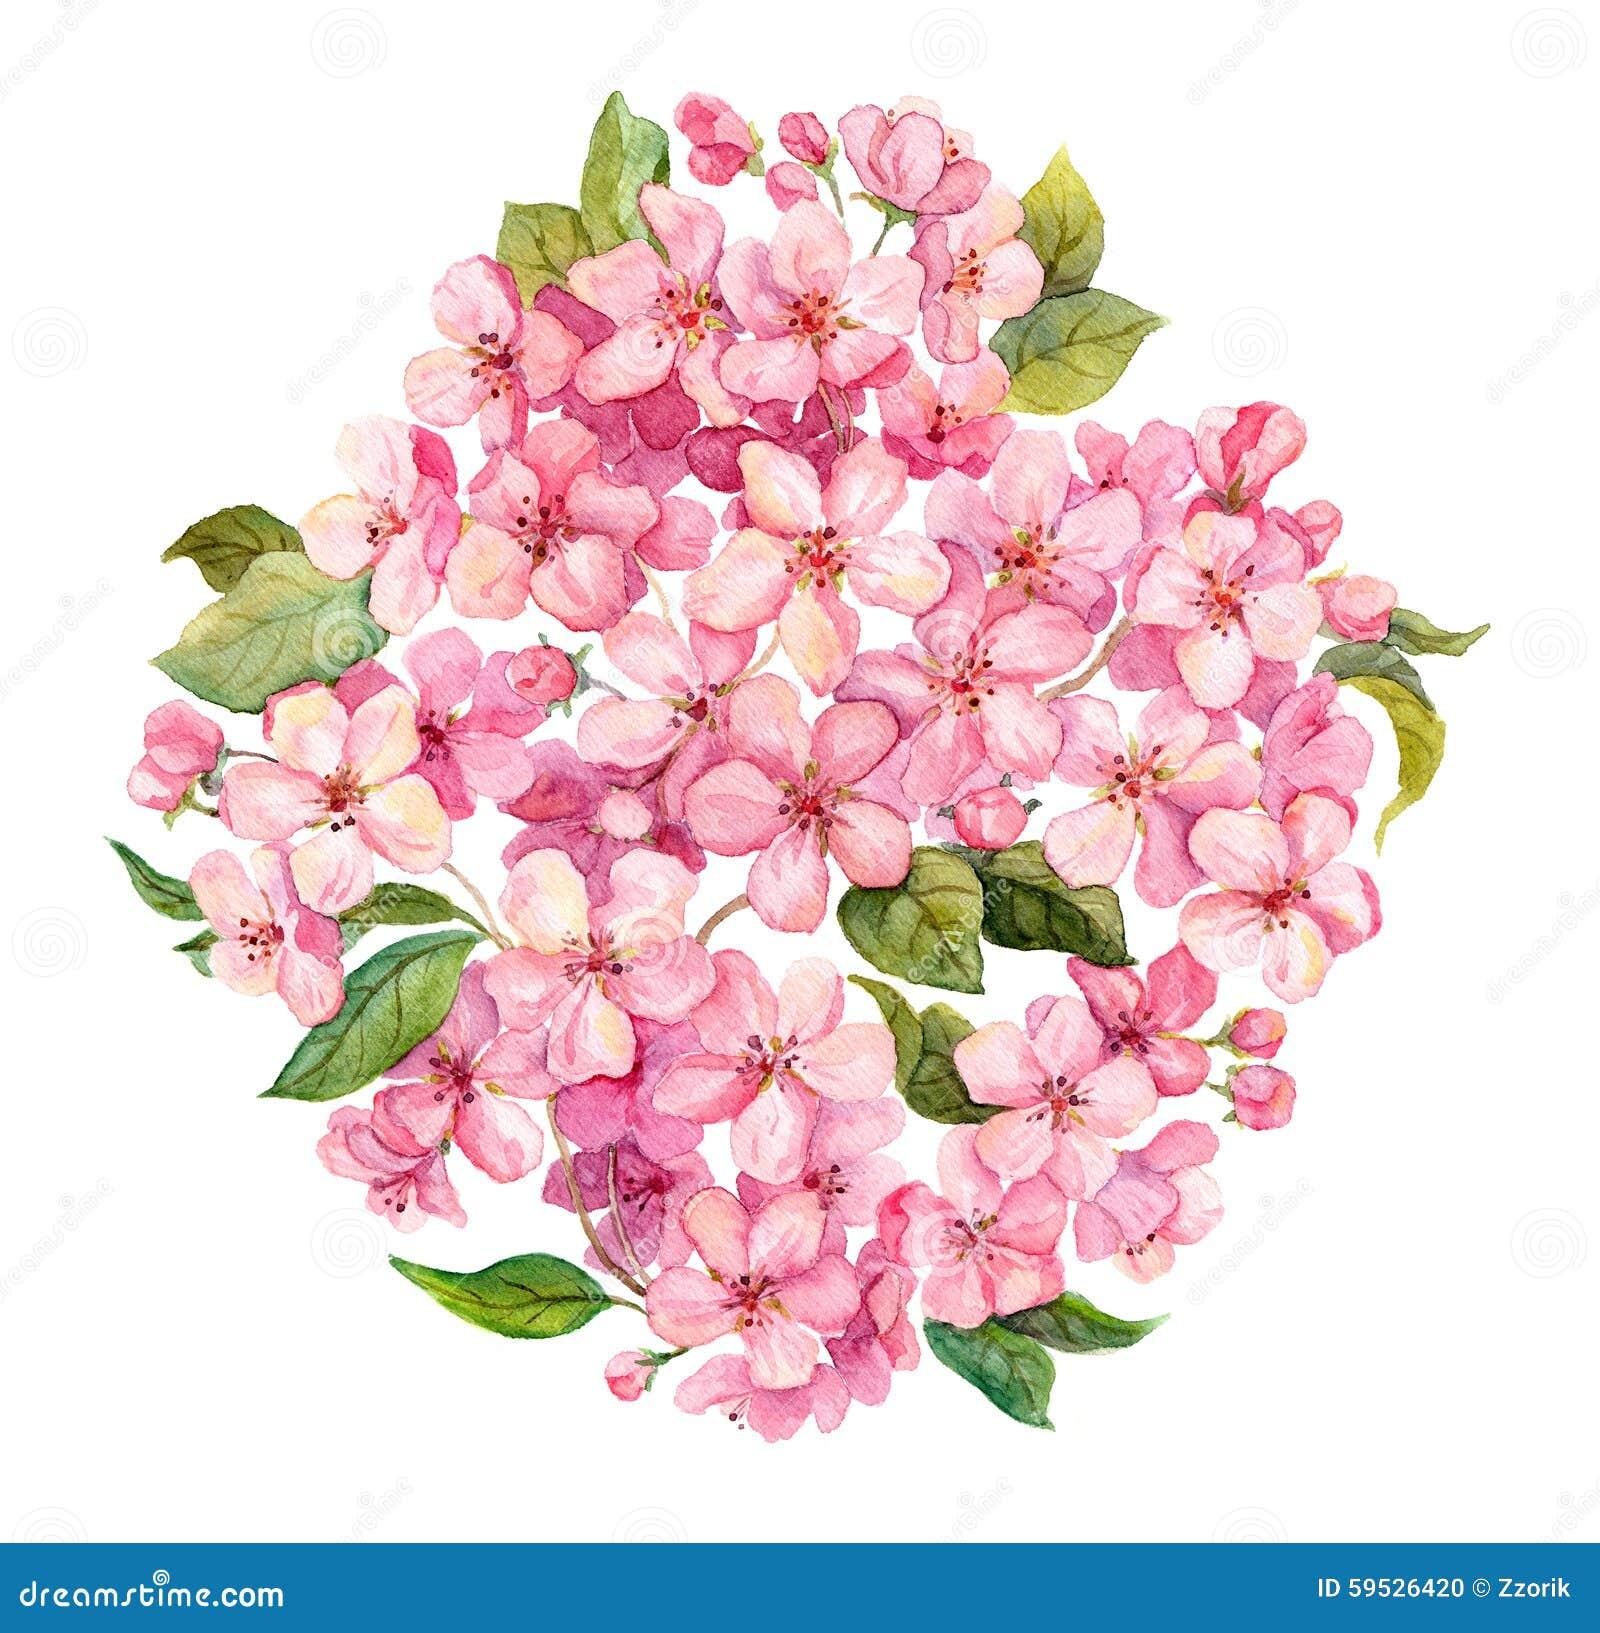 Ρόδινα λουλούδια άνοιξη - sakura, άνθος λουλουδιών μήλων watercolor